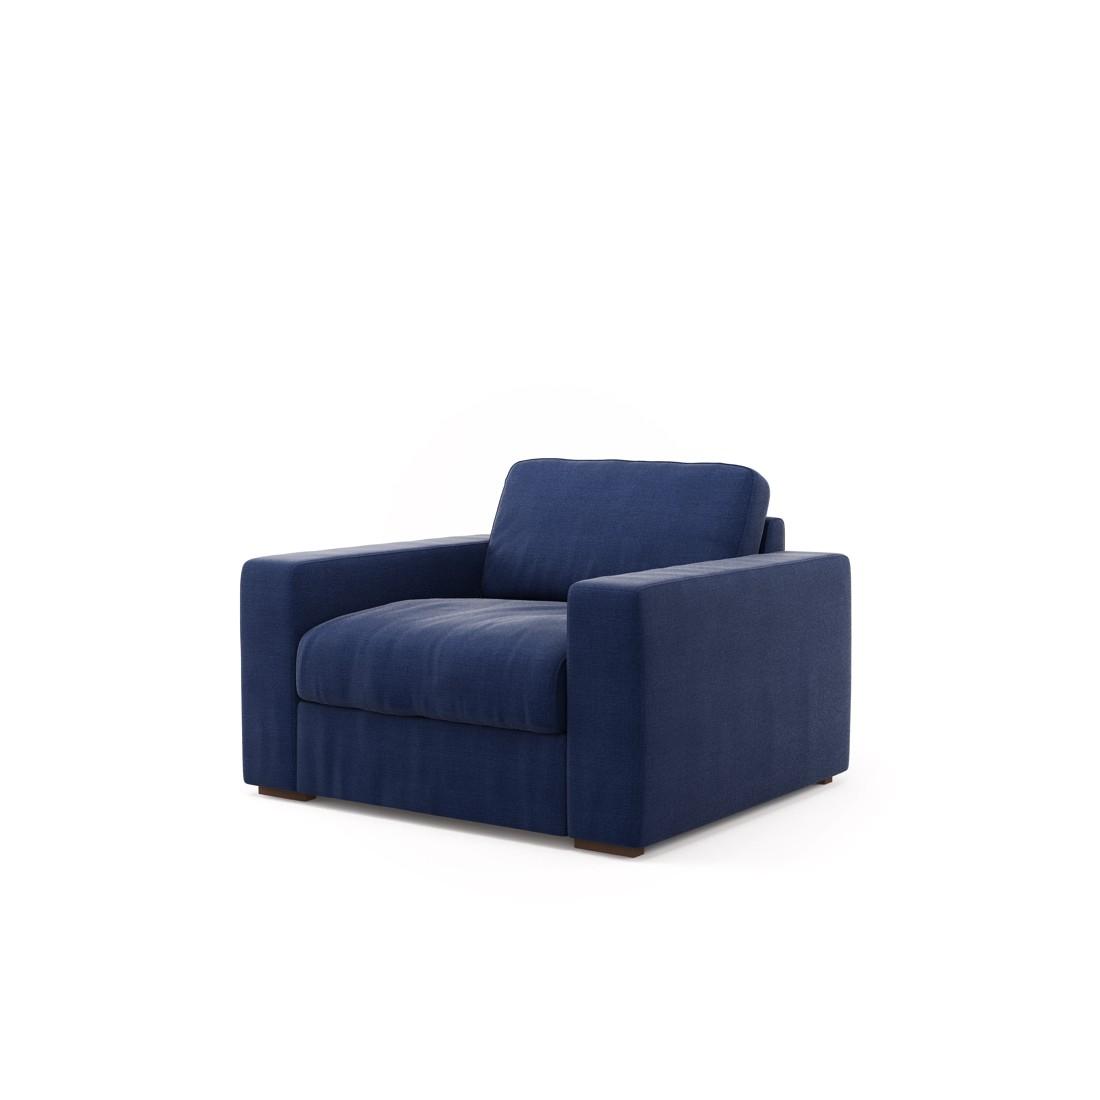 Sessel Clausen – Senja III D.Blue (Mitternachtsblau), Von Wilmowsky jetzt bestellen